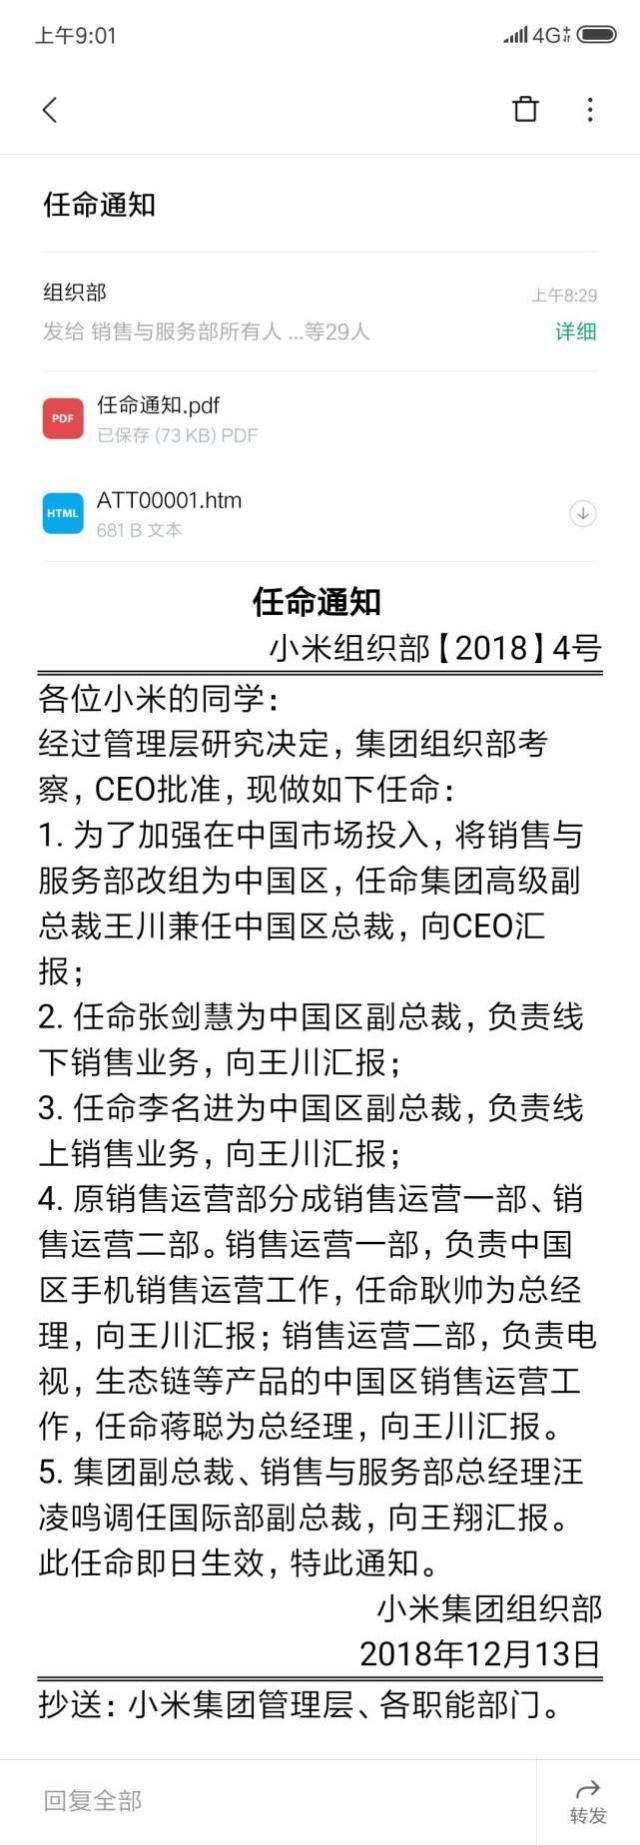 小米手机多元化战略更为聚焦点,中国地区创立加速十个一季度冲第一的总体目标!